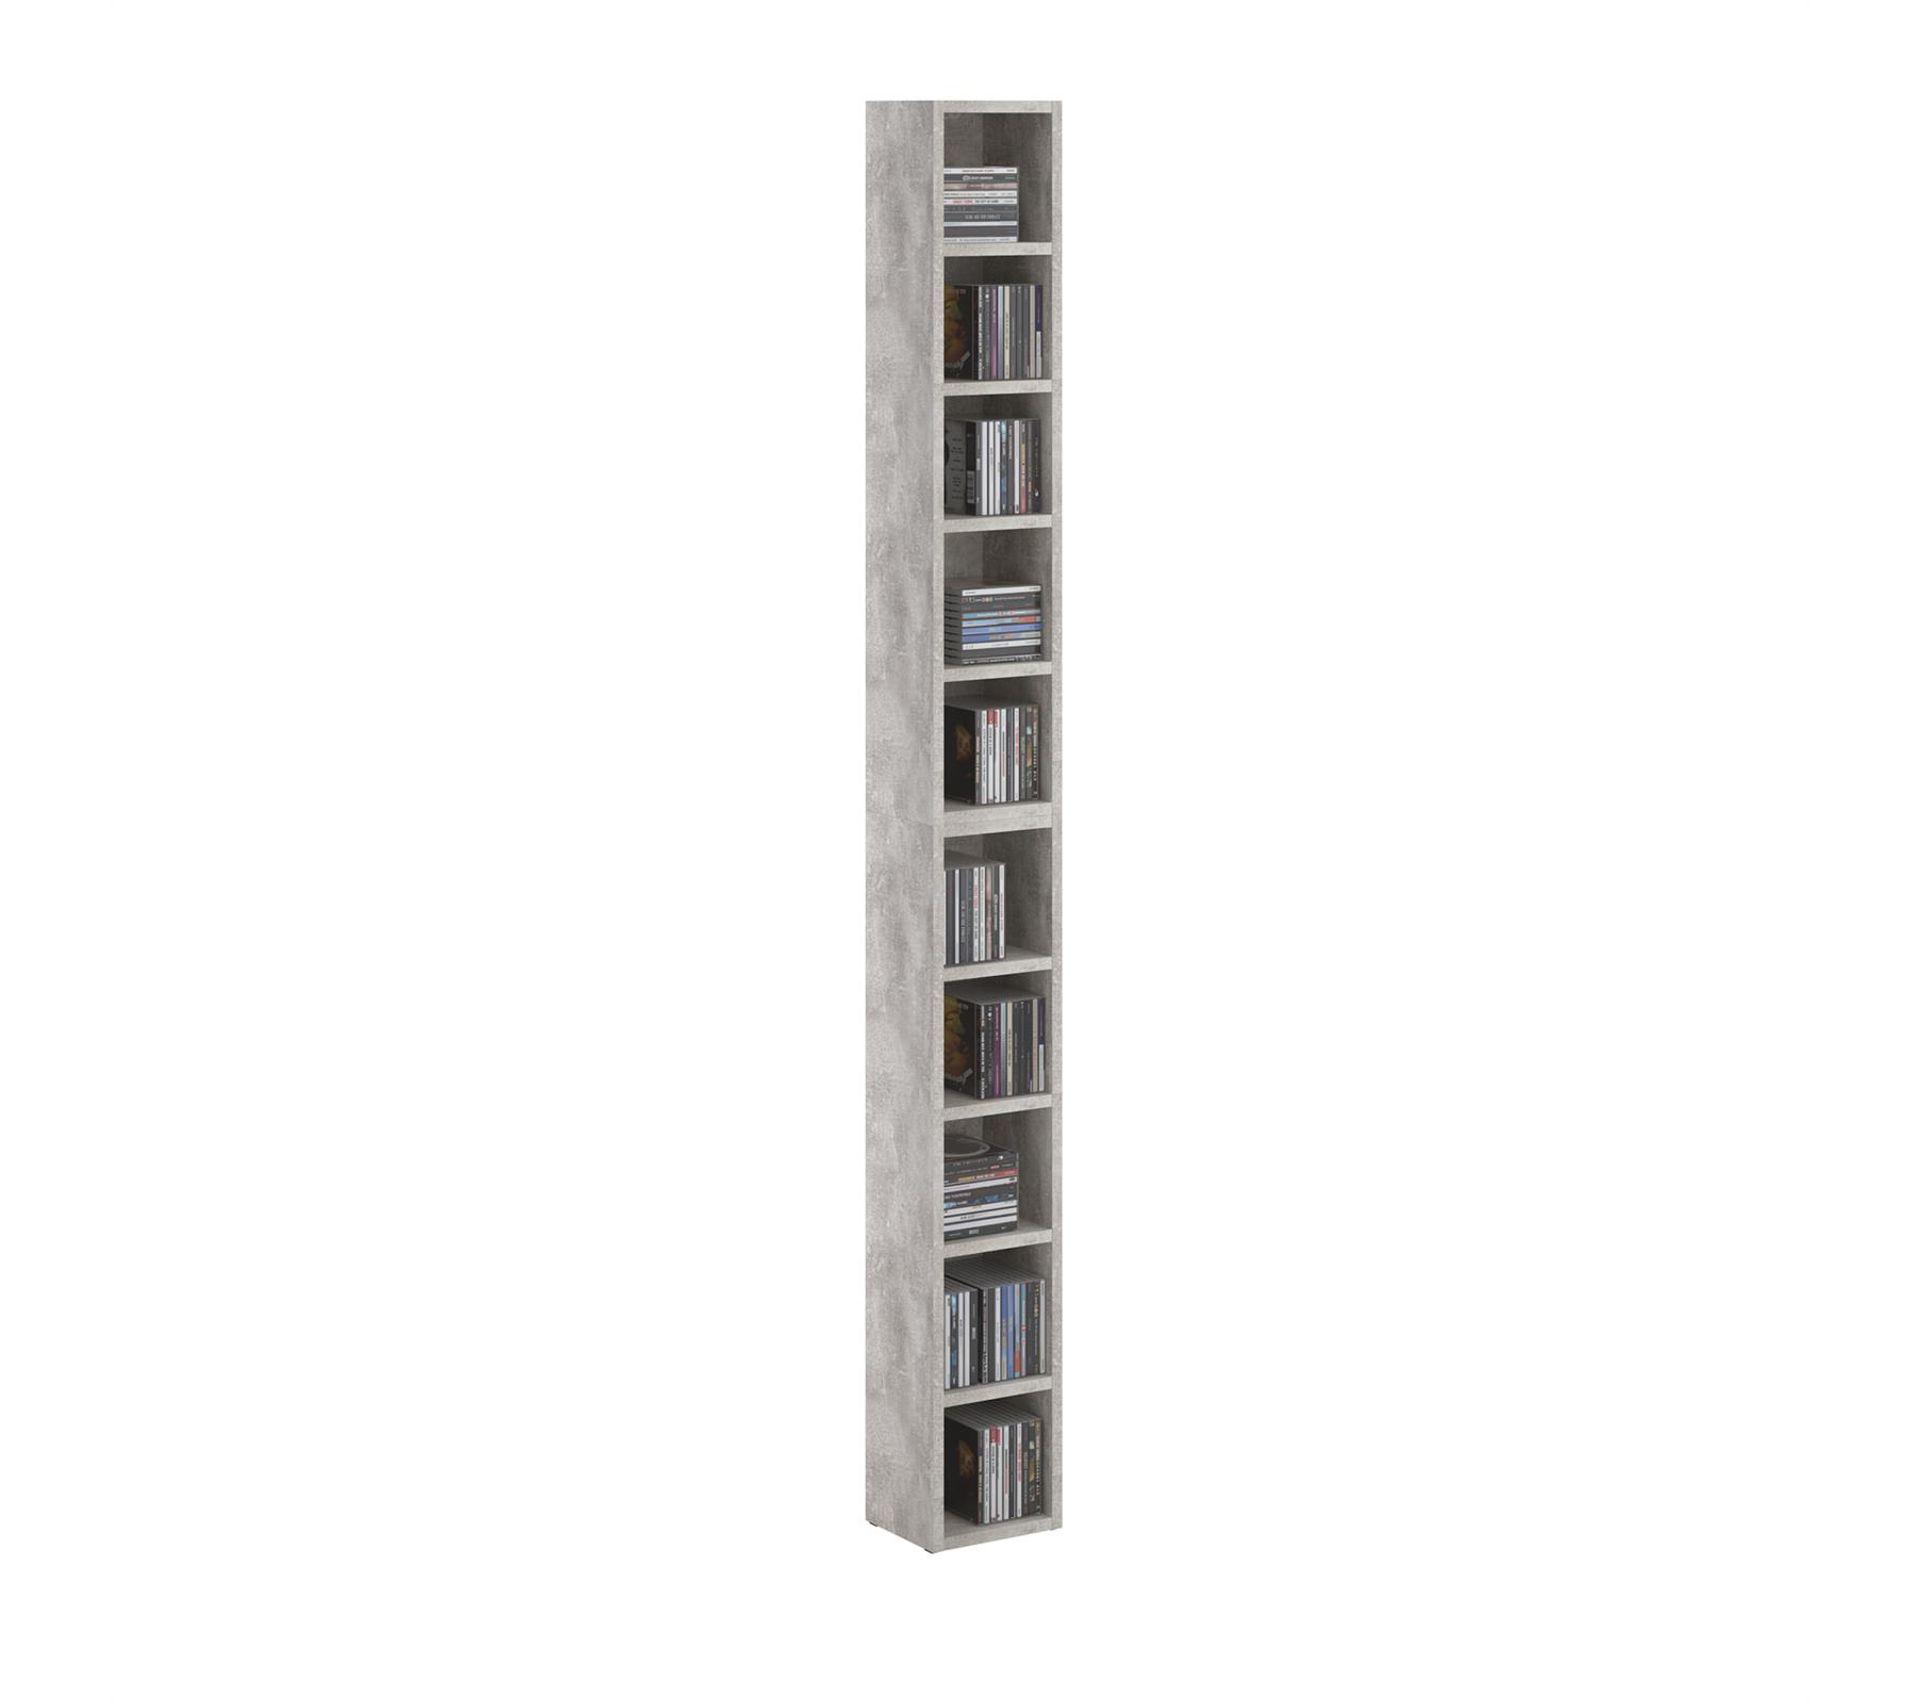 Etageres Modulables Musique Pour Cd Et Dvd En Melamine Decor Beton Bibliotheque Et Etagere But